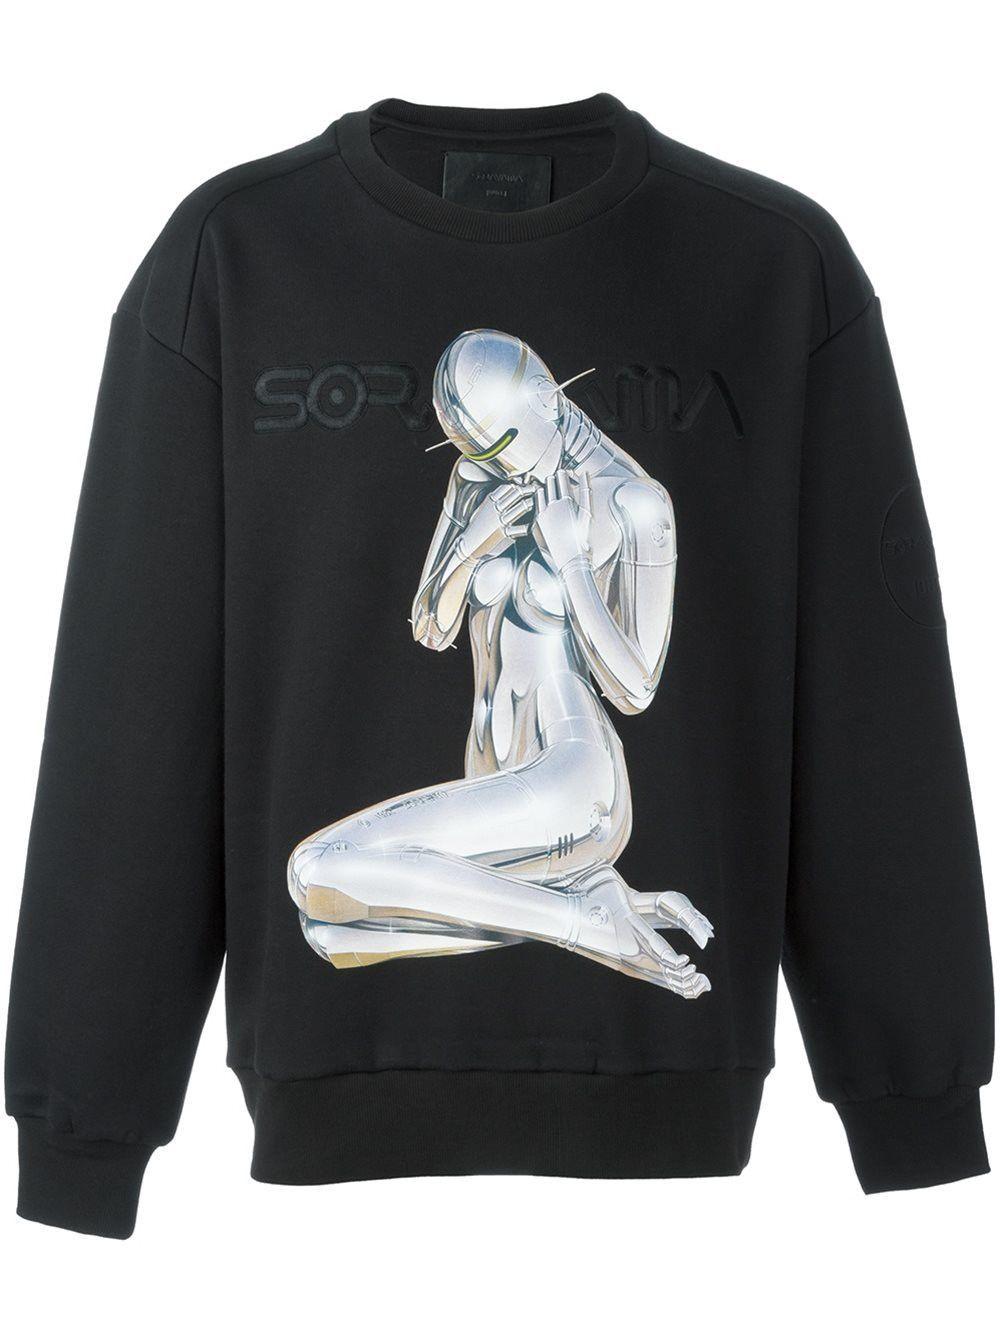 Sorayama Robot Sweatshirt